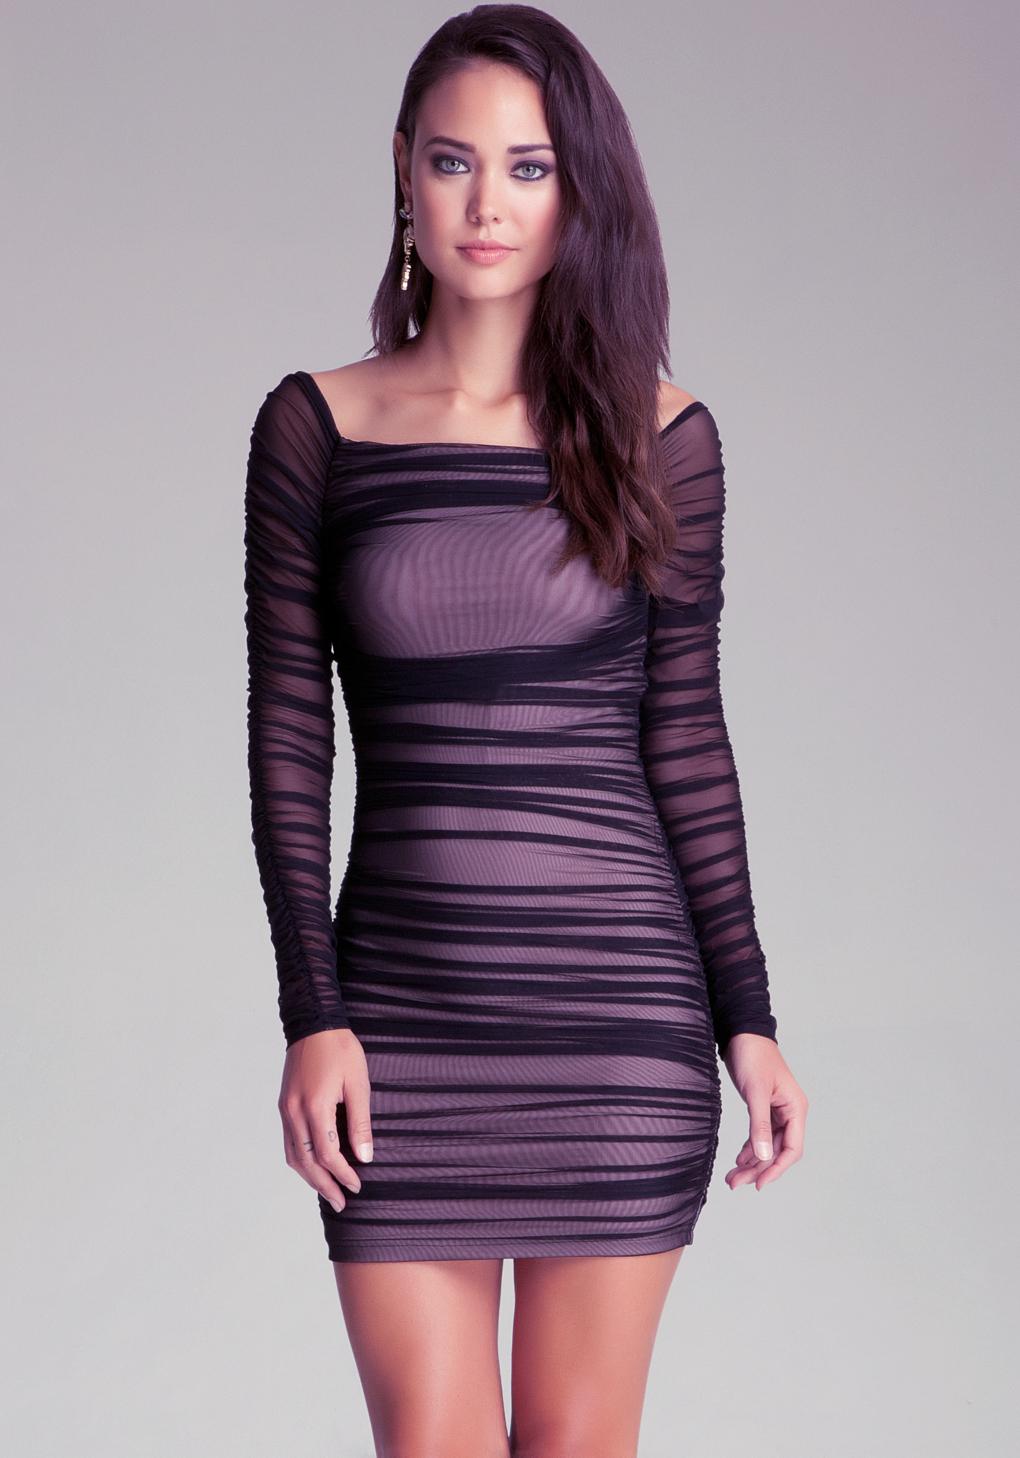 Bebe Off Shoulder Shirred Mesh Dress in Black